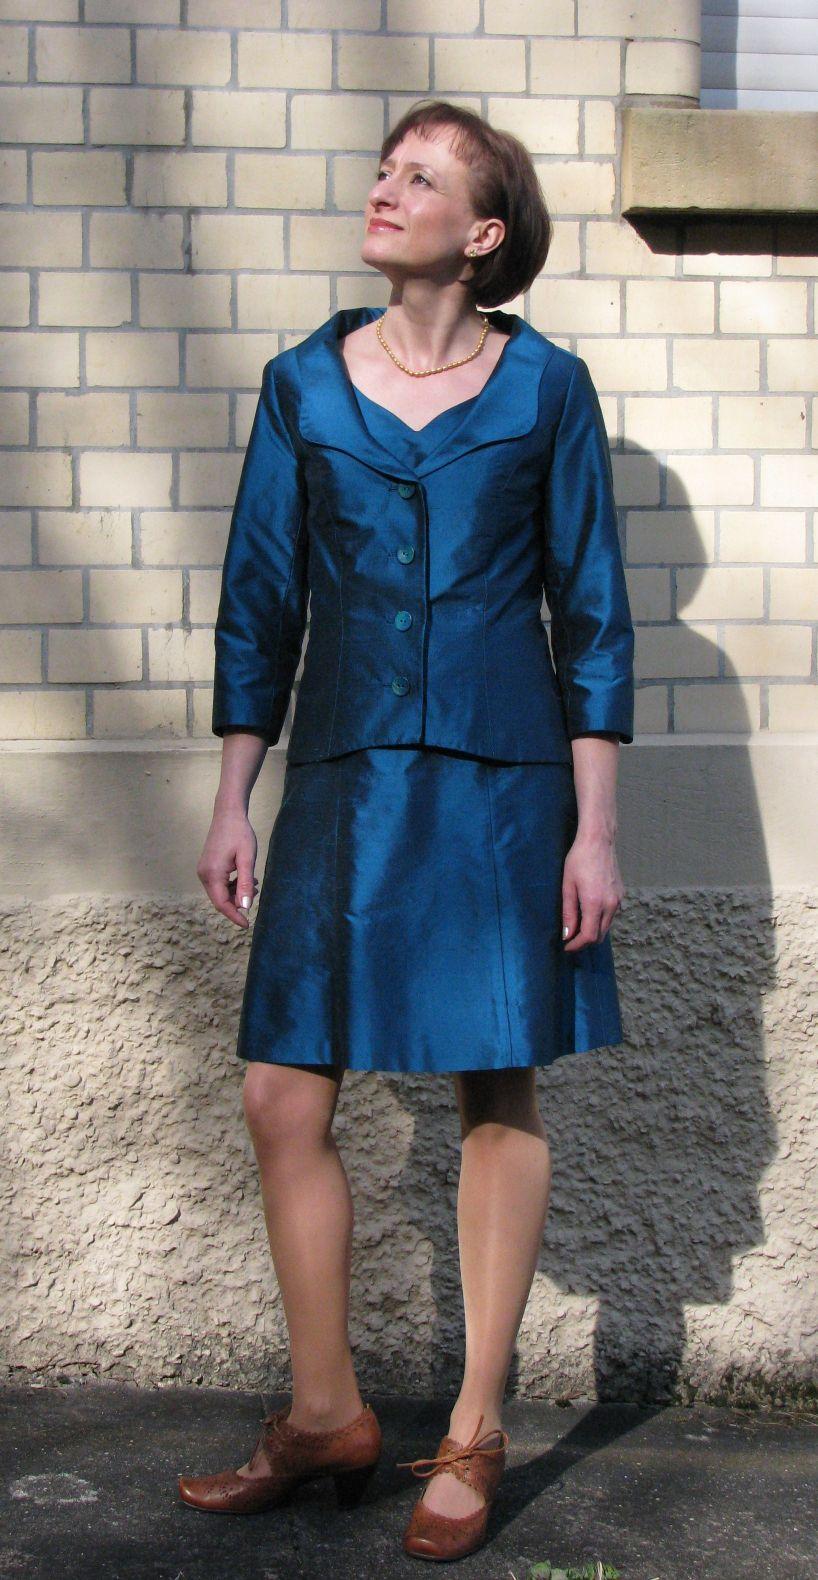 blaues kleid welche jacke modische kleider beliebt in deutschland. Black Bedroom Furniture Sets. Home Design Ideas